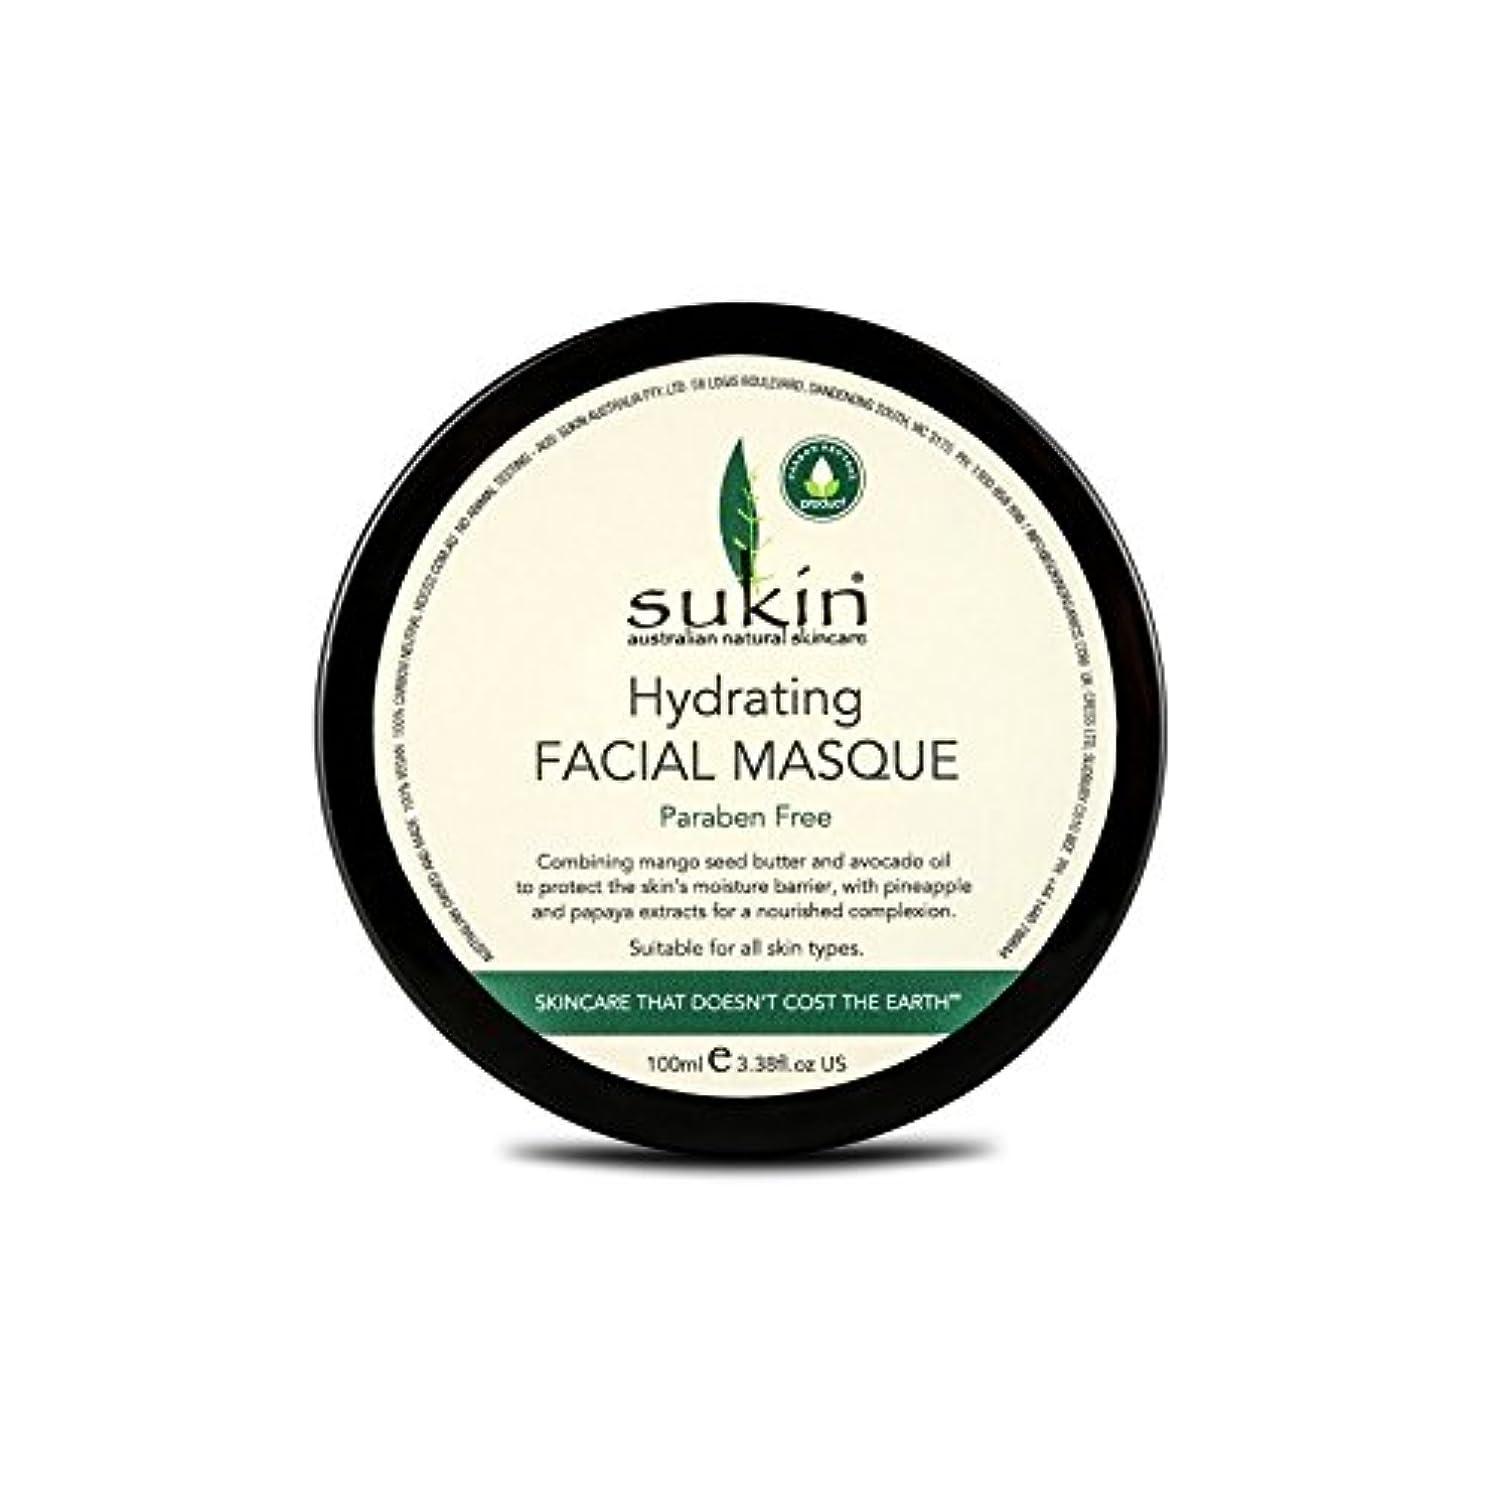 アルコール村ためらうSukin Hydrating Facial Masque 100ml (Pack of 6) - 水和顔の仮面劇の100ミリリットルを x6 [並行輸入品]